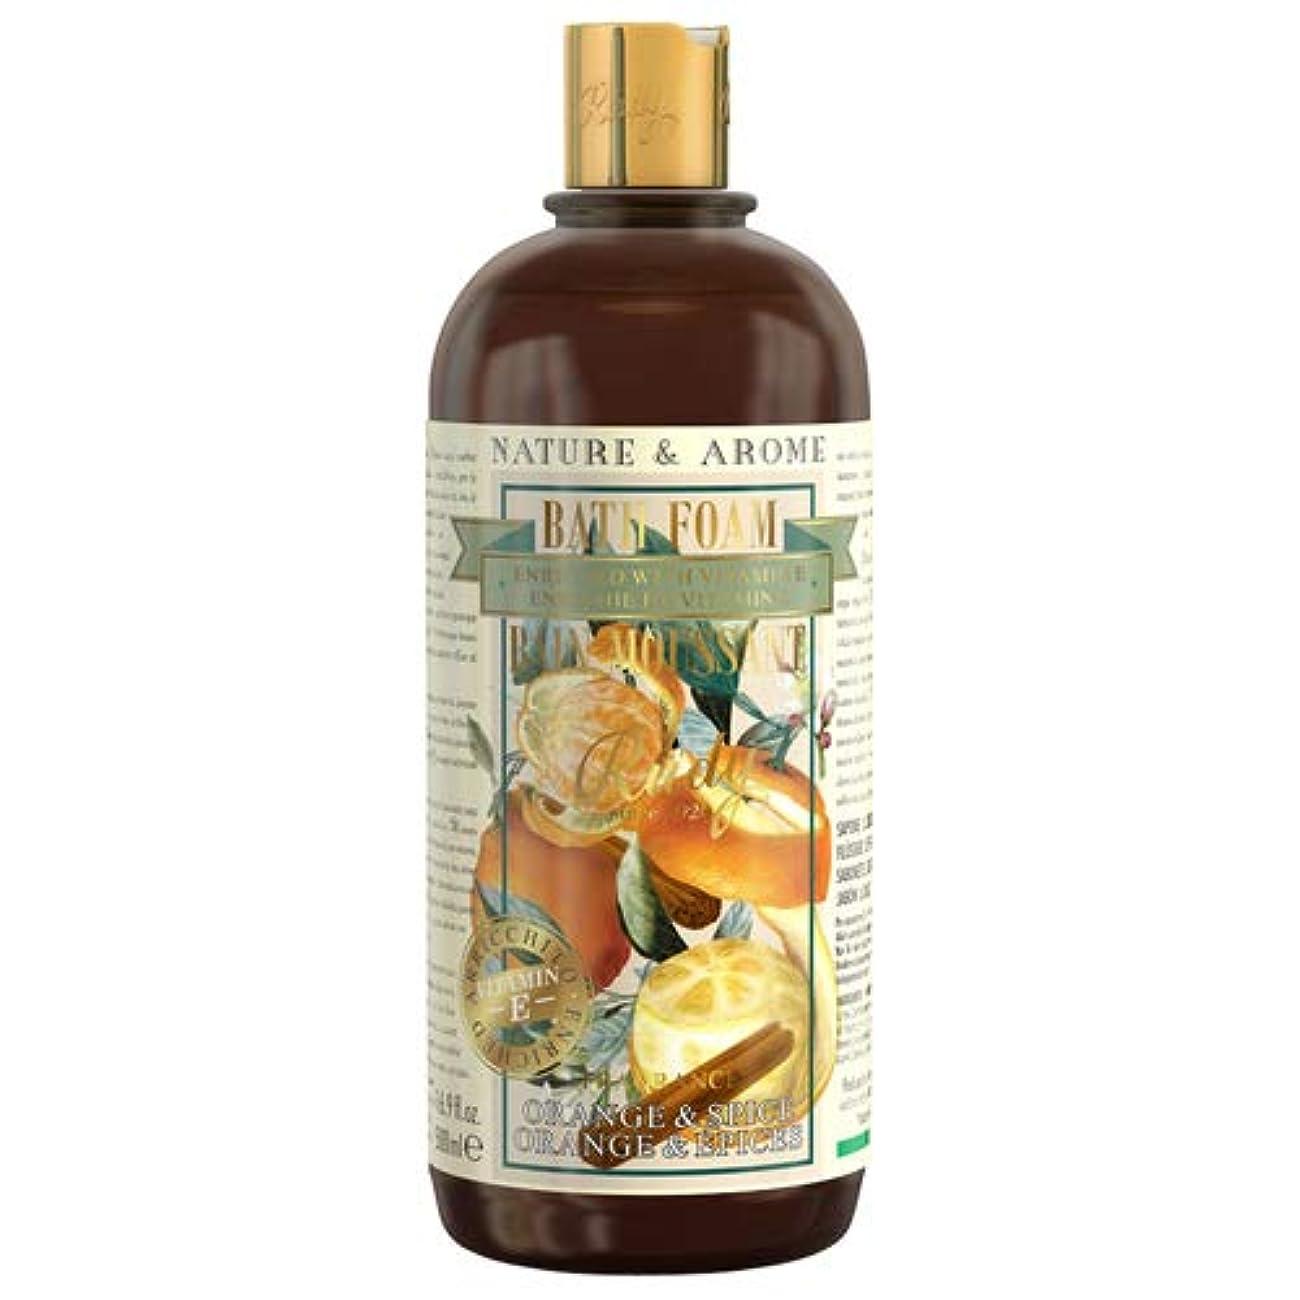 連合強化会社RUDY Nature&Arome Apothecary ネイチャーアロマ アポセカリー Bath & Shower Gel バス&シャワージェル Orange & Spice オレンジ&スパイス